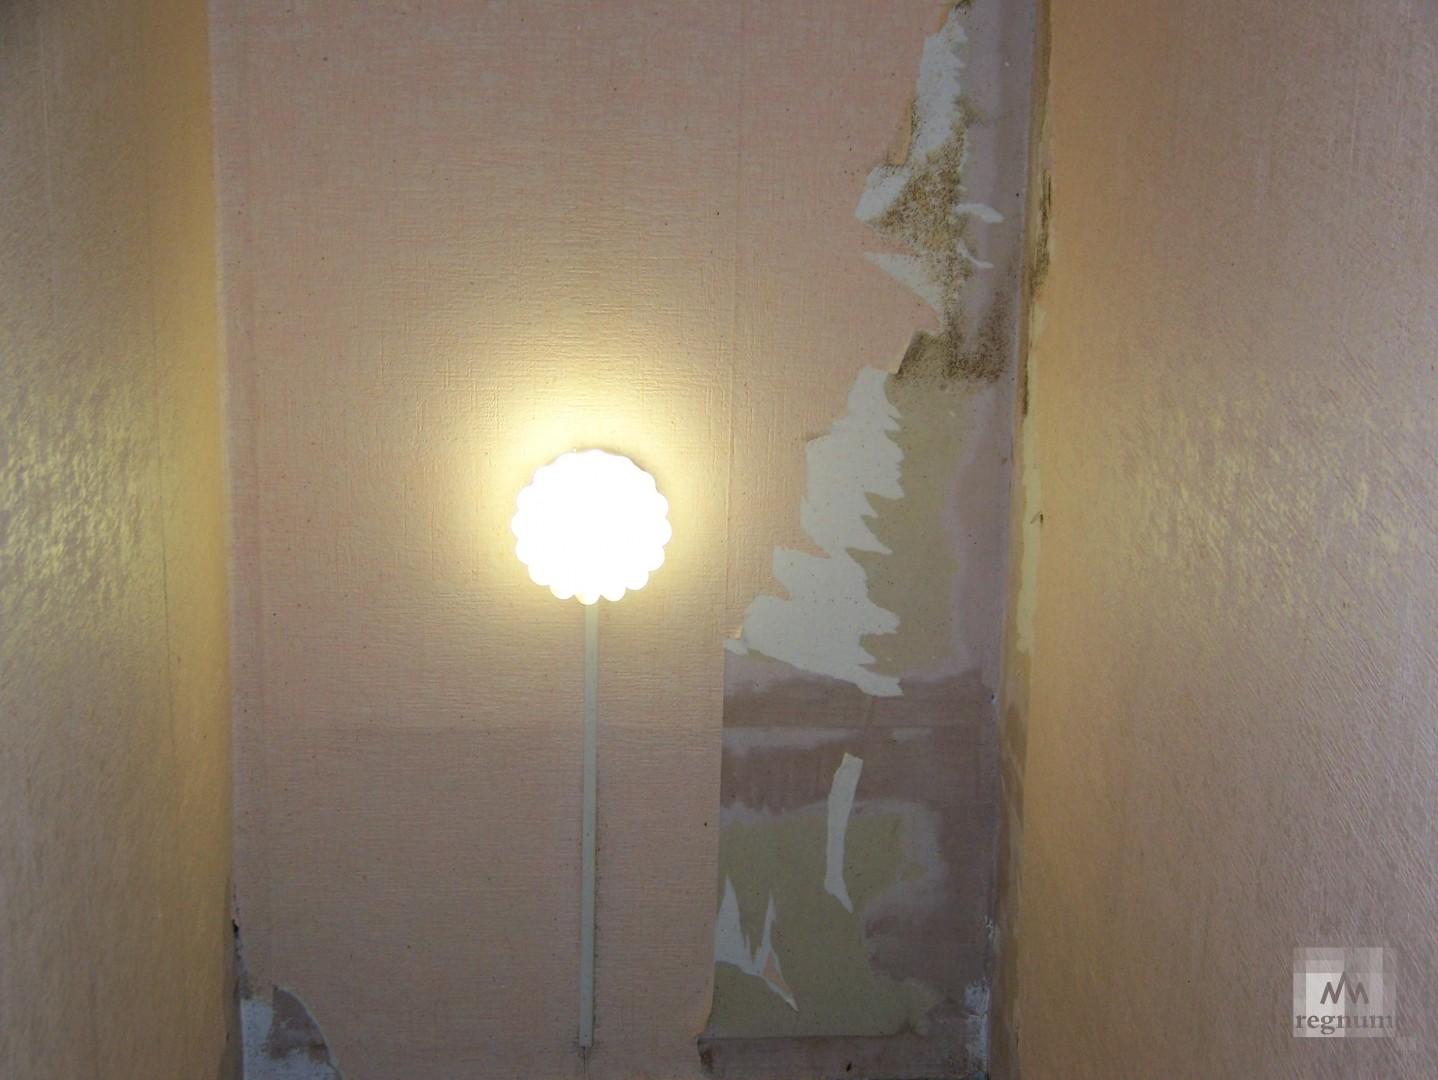 Коридор и комната в одной из квартир на улица Спекова одинаковых размеров